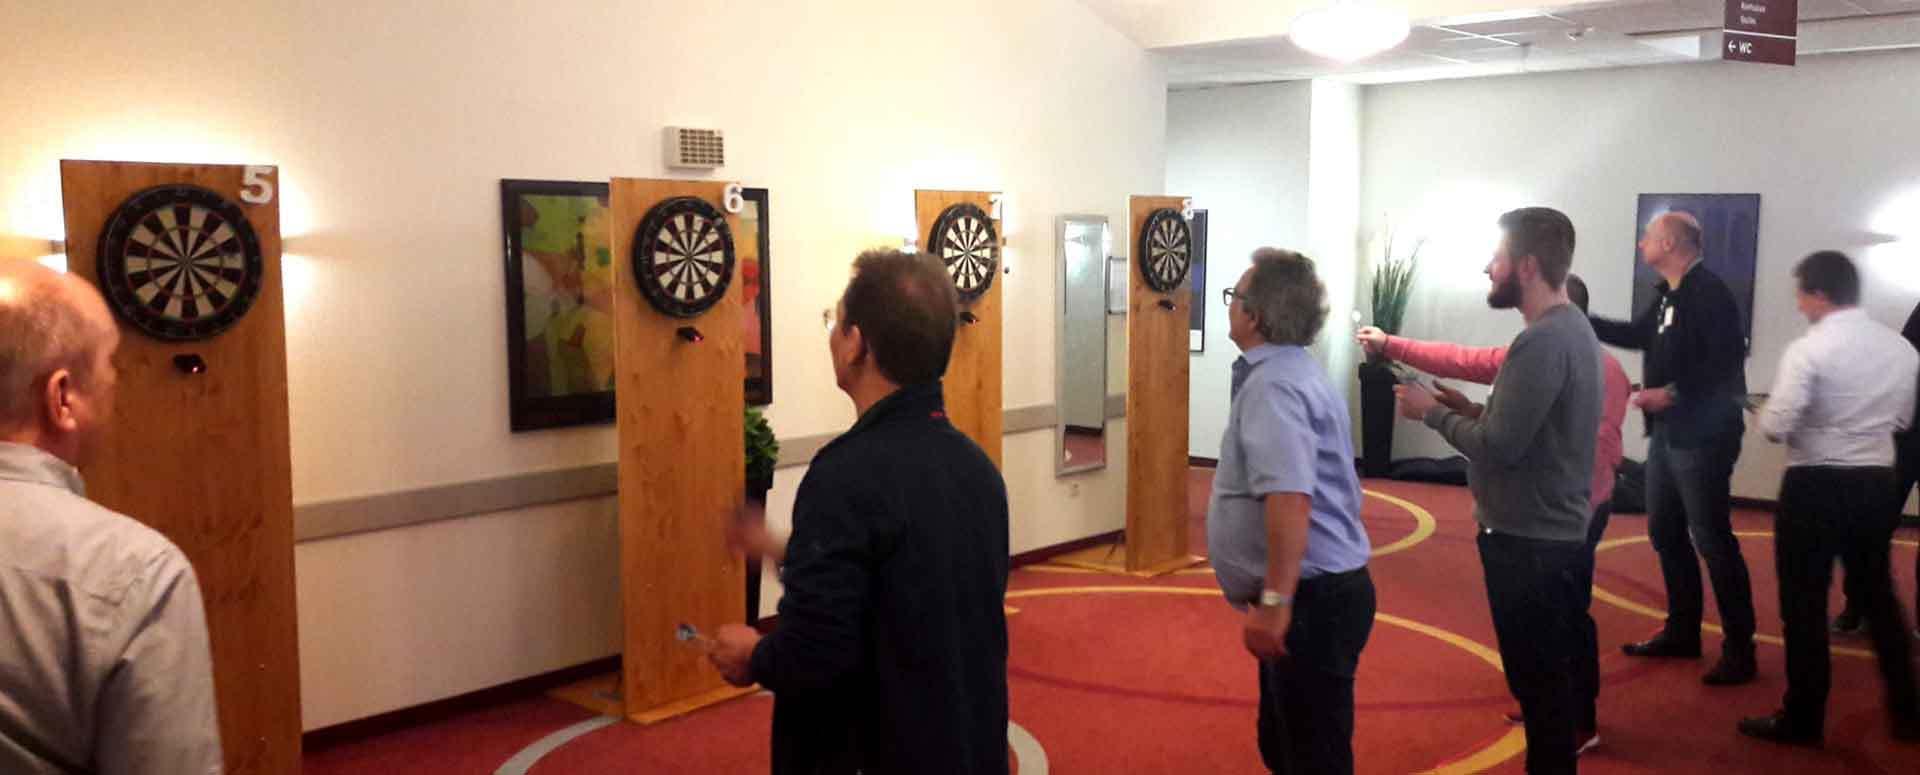 Teilnehmer beim Dart Turnier